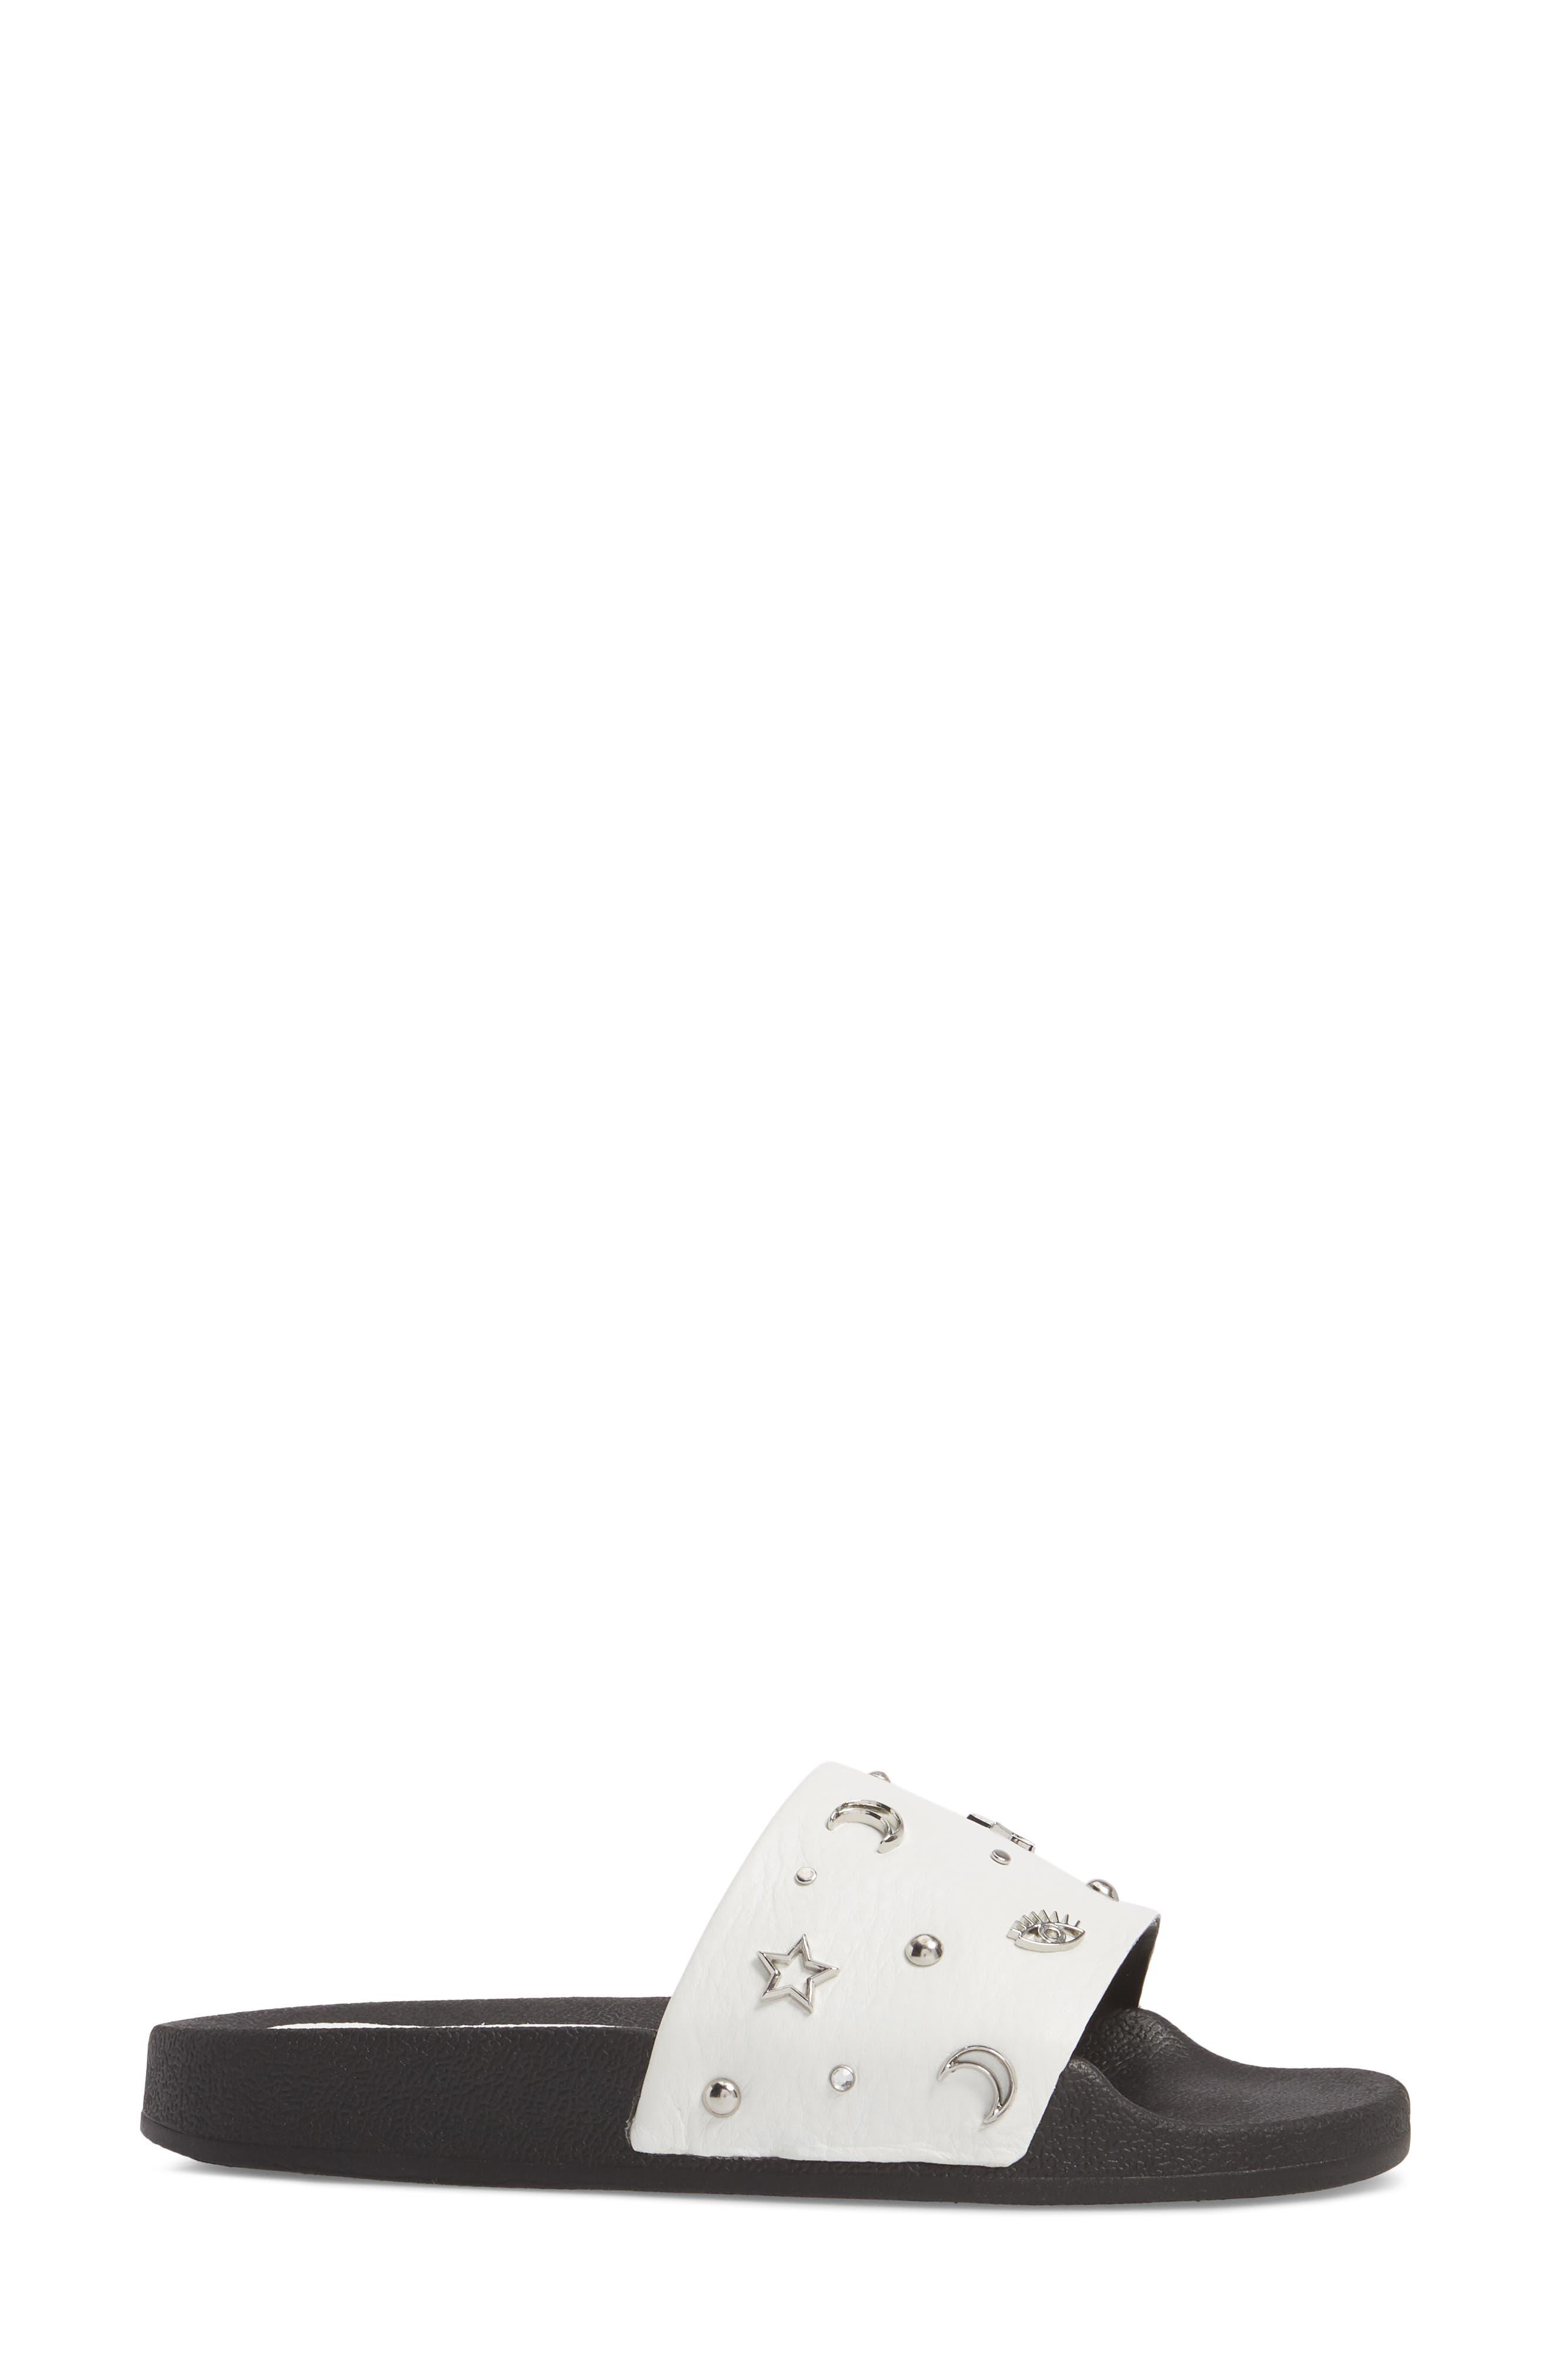 Thunder Slide Sandal,                             Alternate thumbnail 3, color,                             White Leather